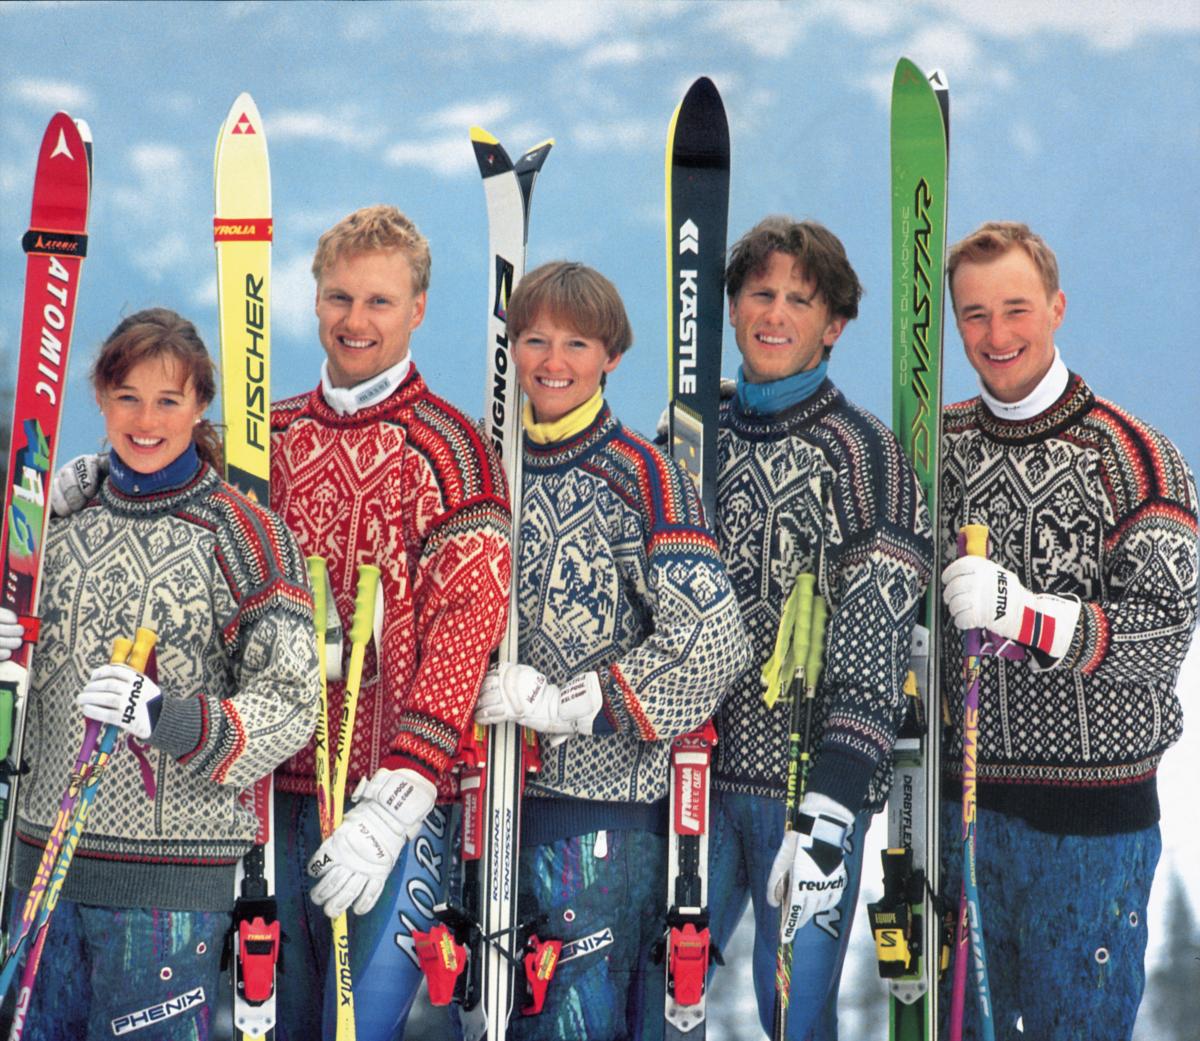 Idrettsutøvere med OL-gensere i 1994.